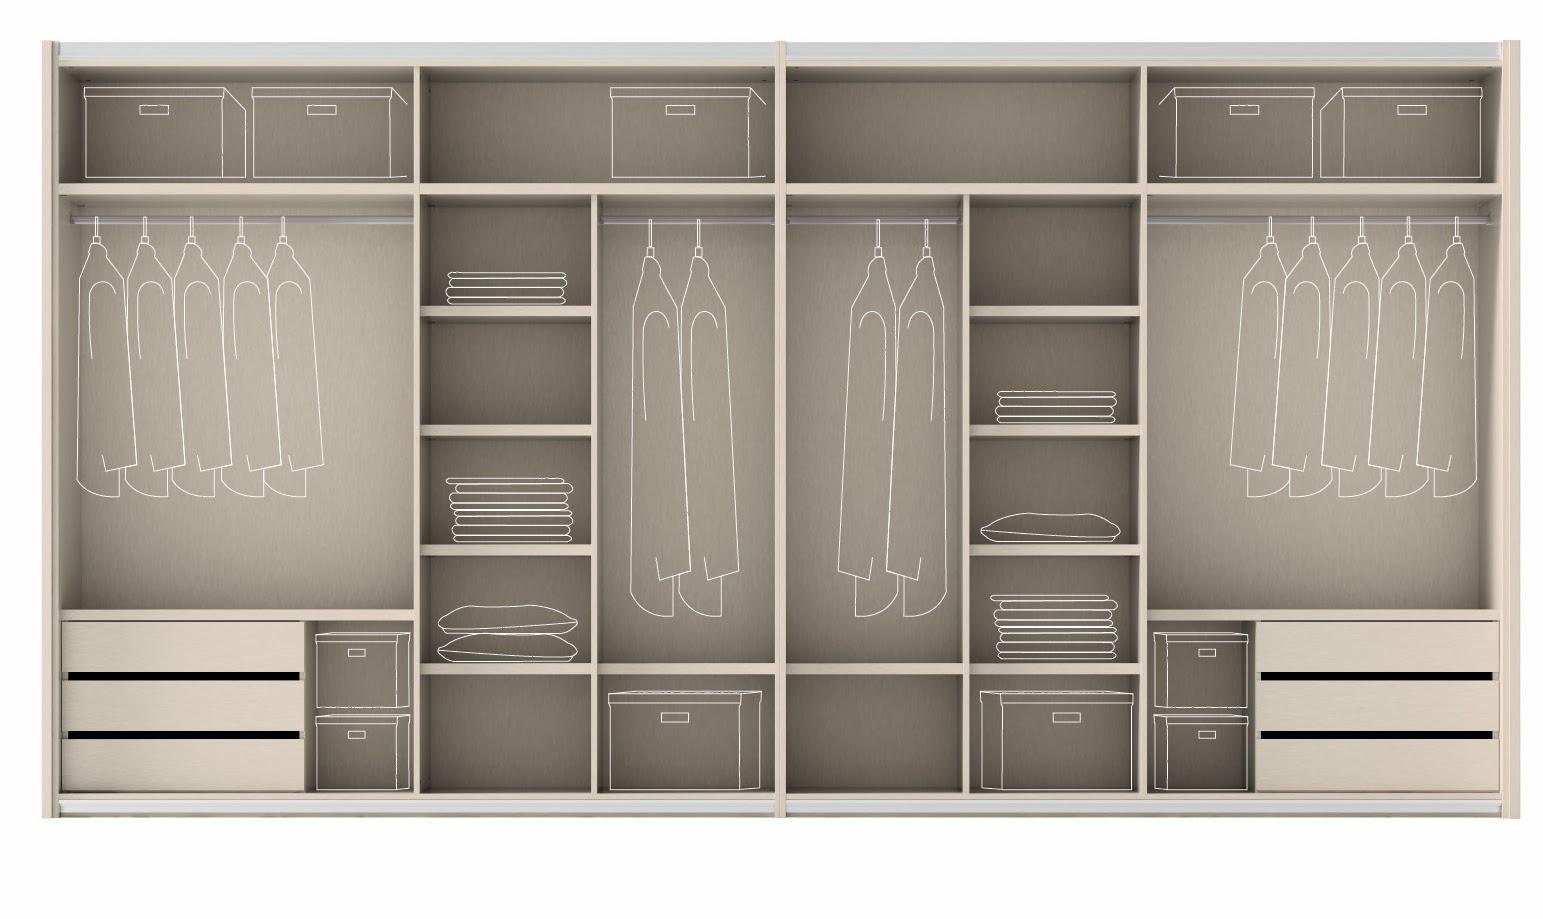 Muebles ros configura el interior de tu armario for Muebles ros precios